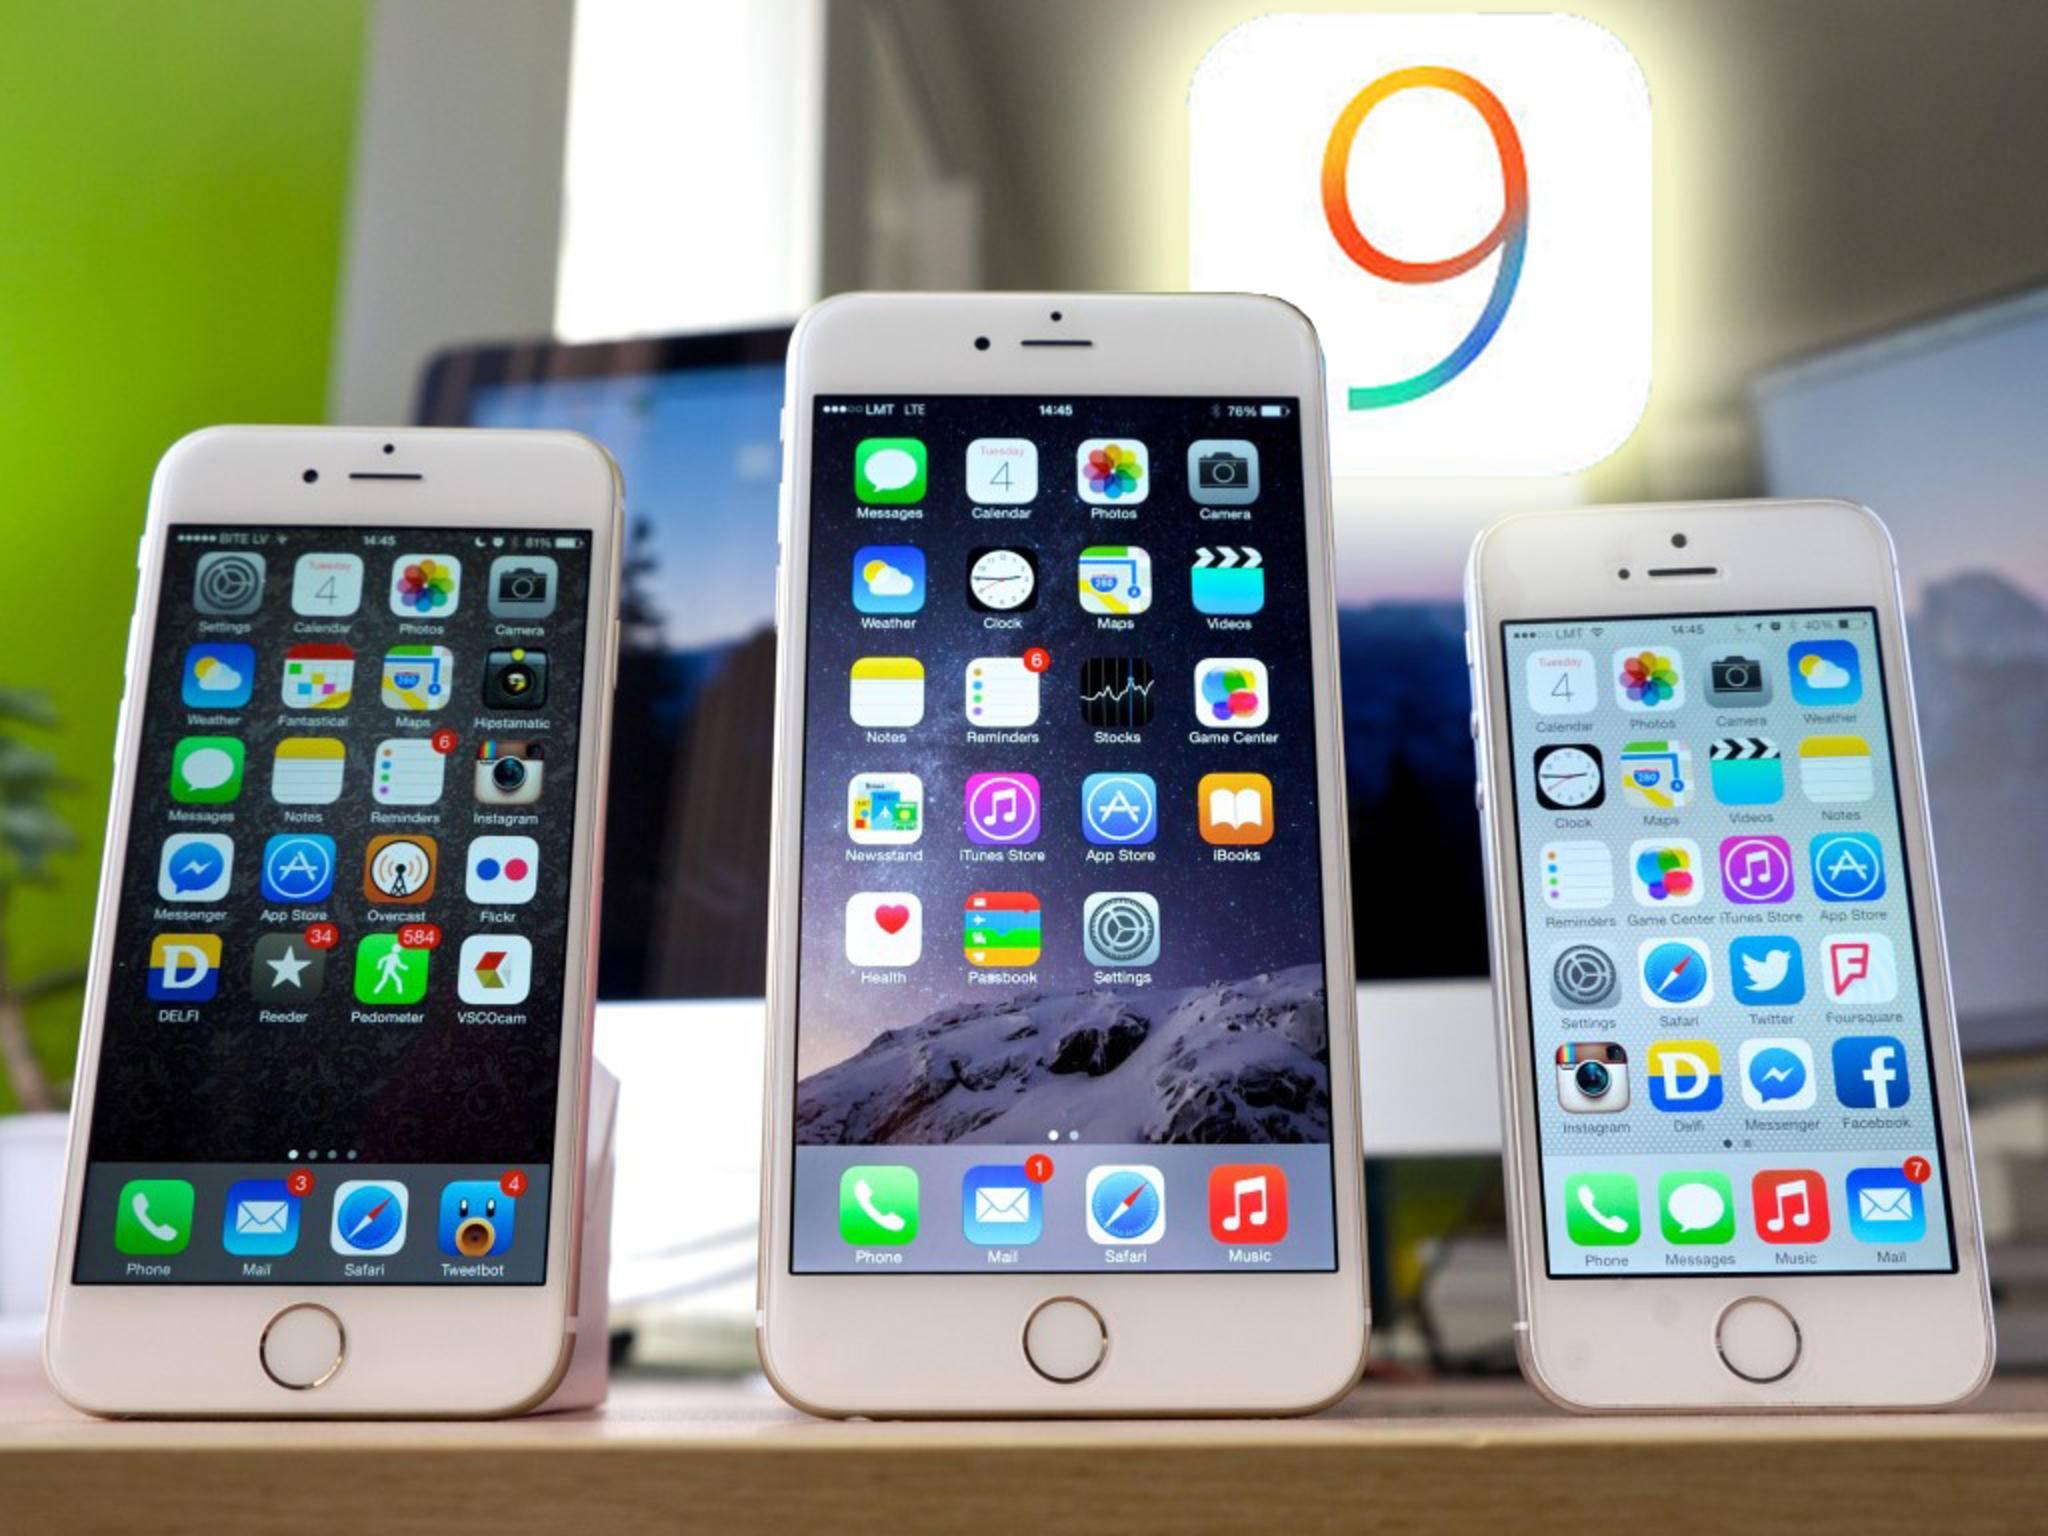 Das Update auf iOS 9.0.1 behebt nervige Probleme und Bugs.